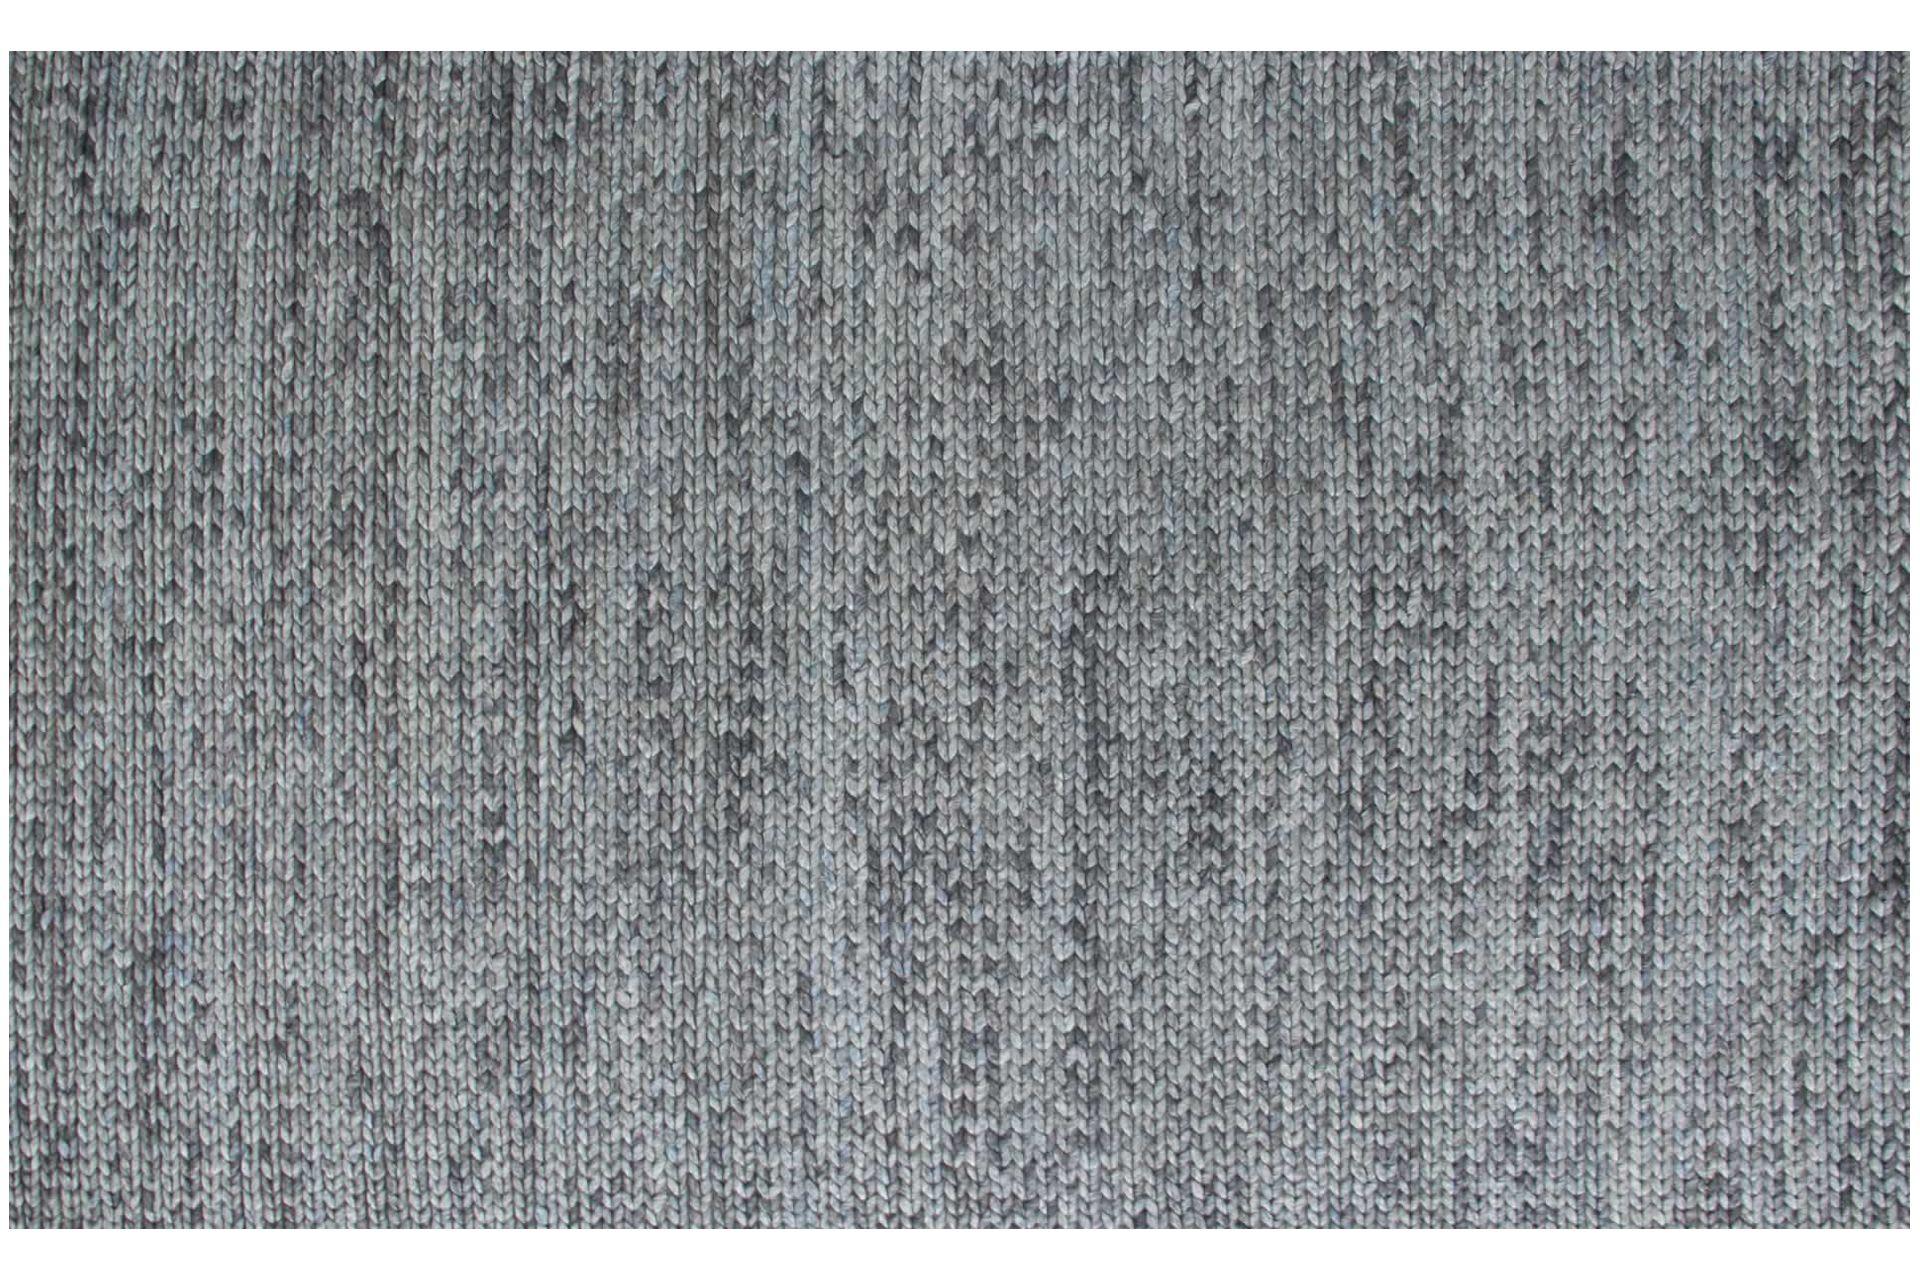 BADE GRİ SİYAH YÜN EL DOKUMA ÖRGÜ HALI 130x190